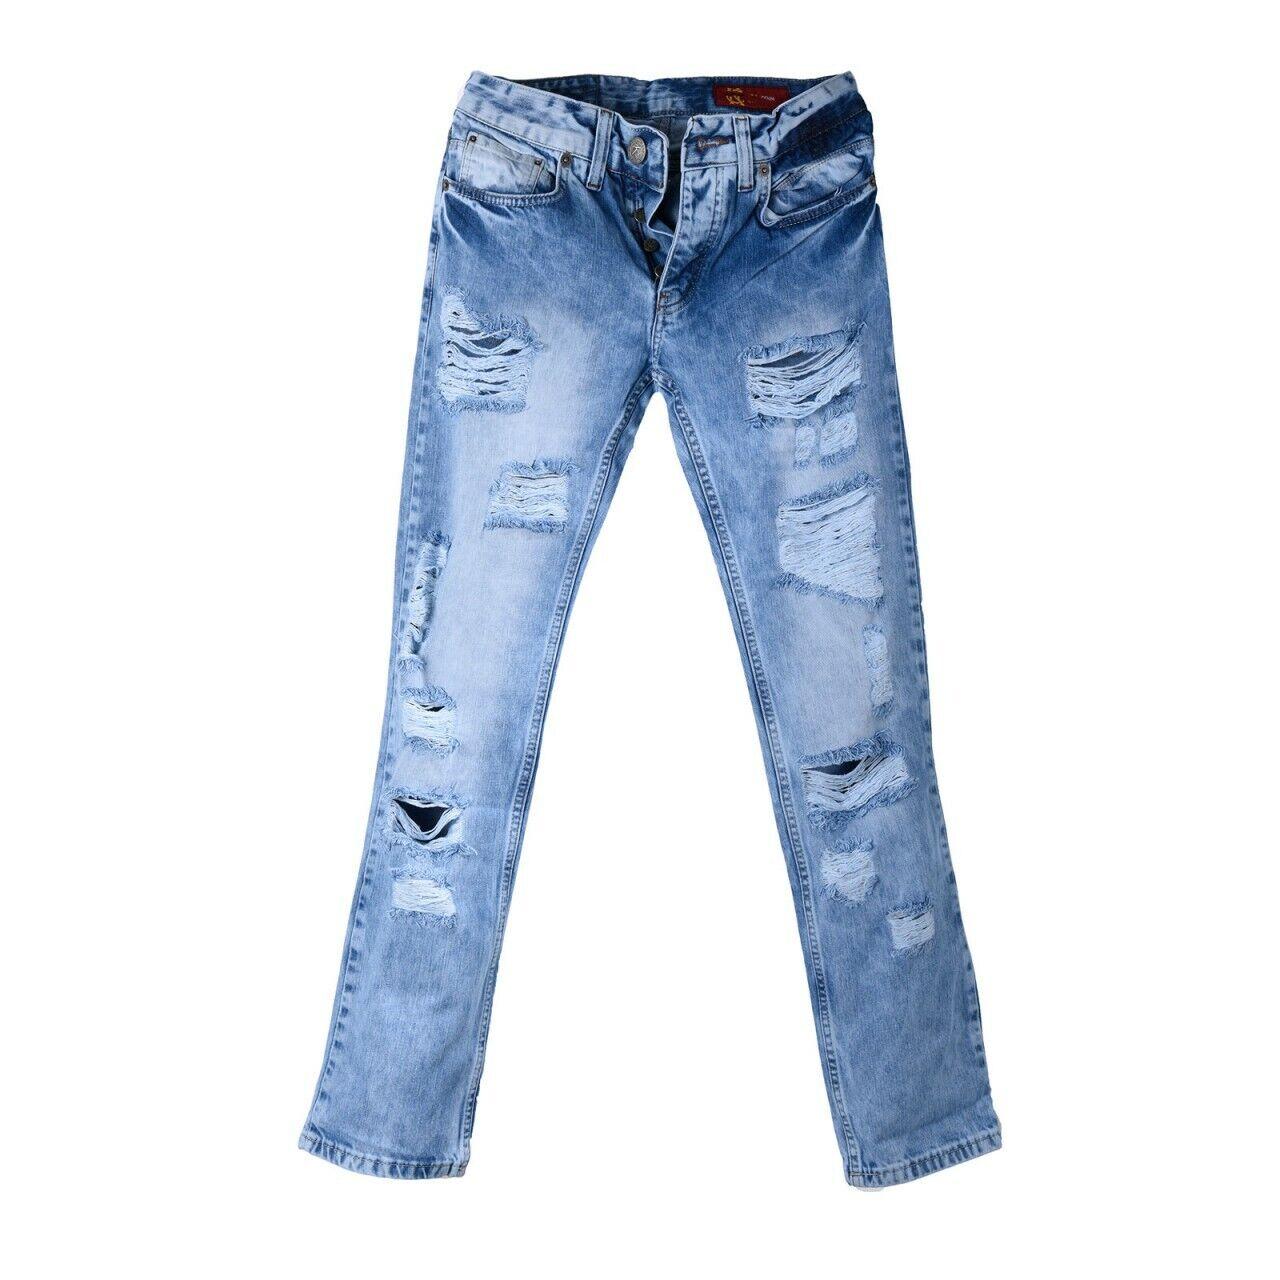 Modische Herren Jeans Used Look Optik in vielen Größen  | Der neueste Stil